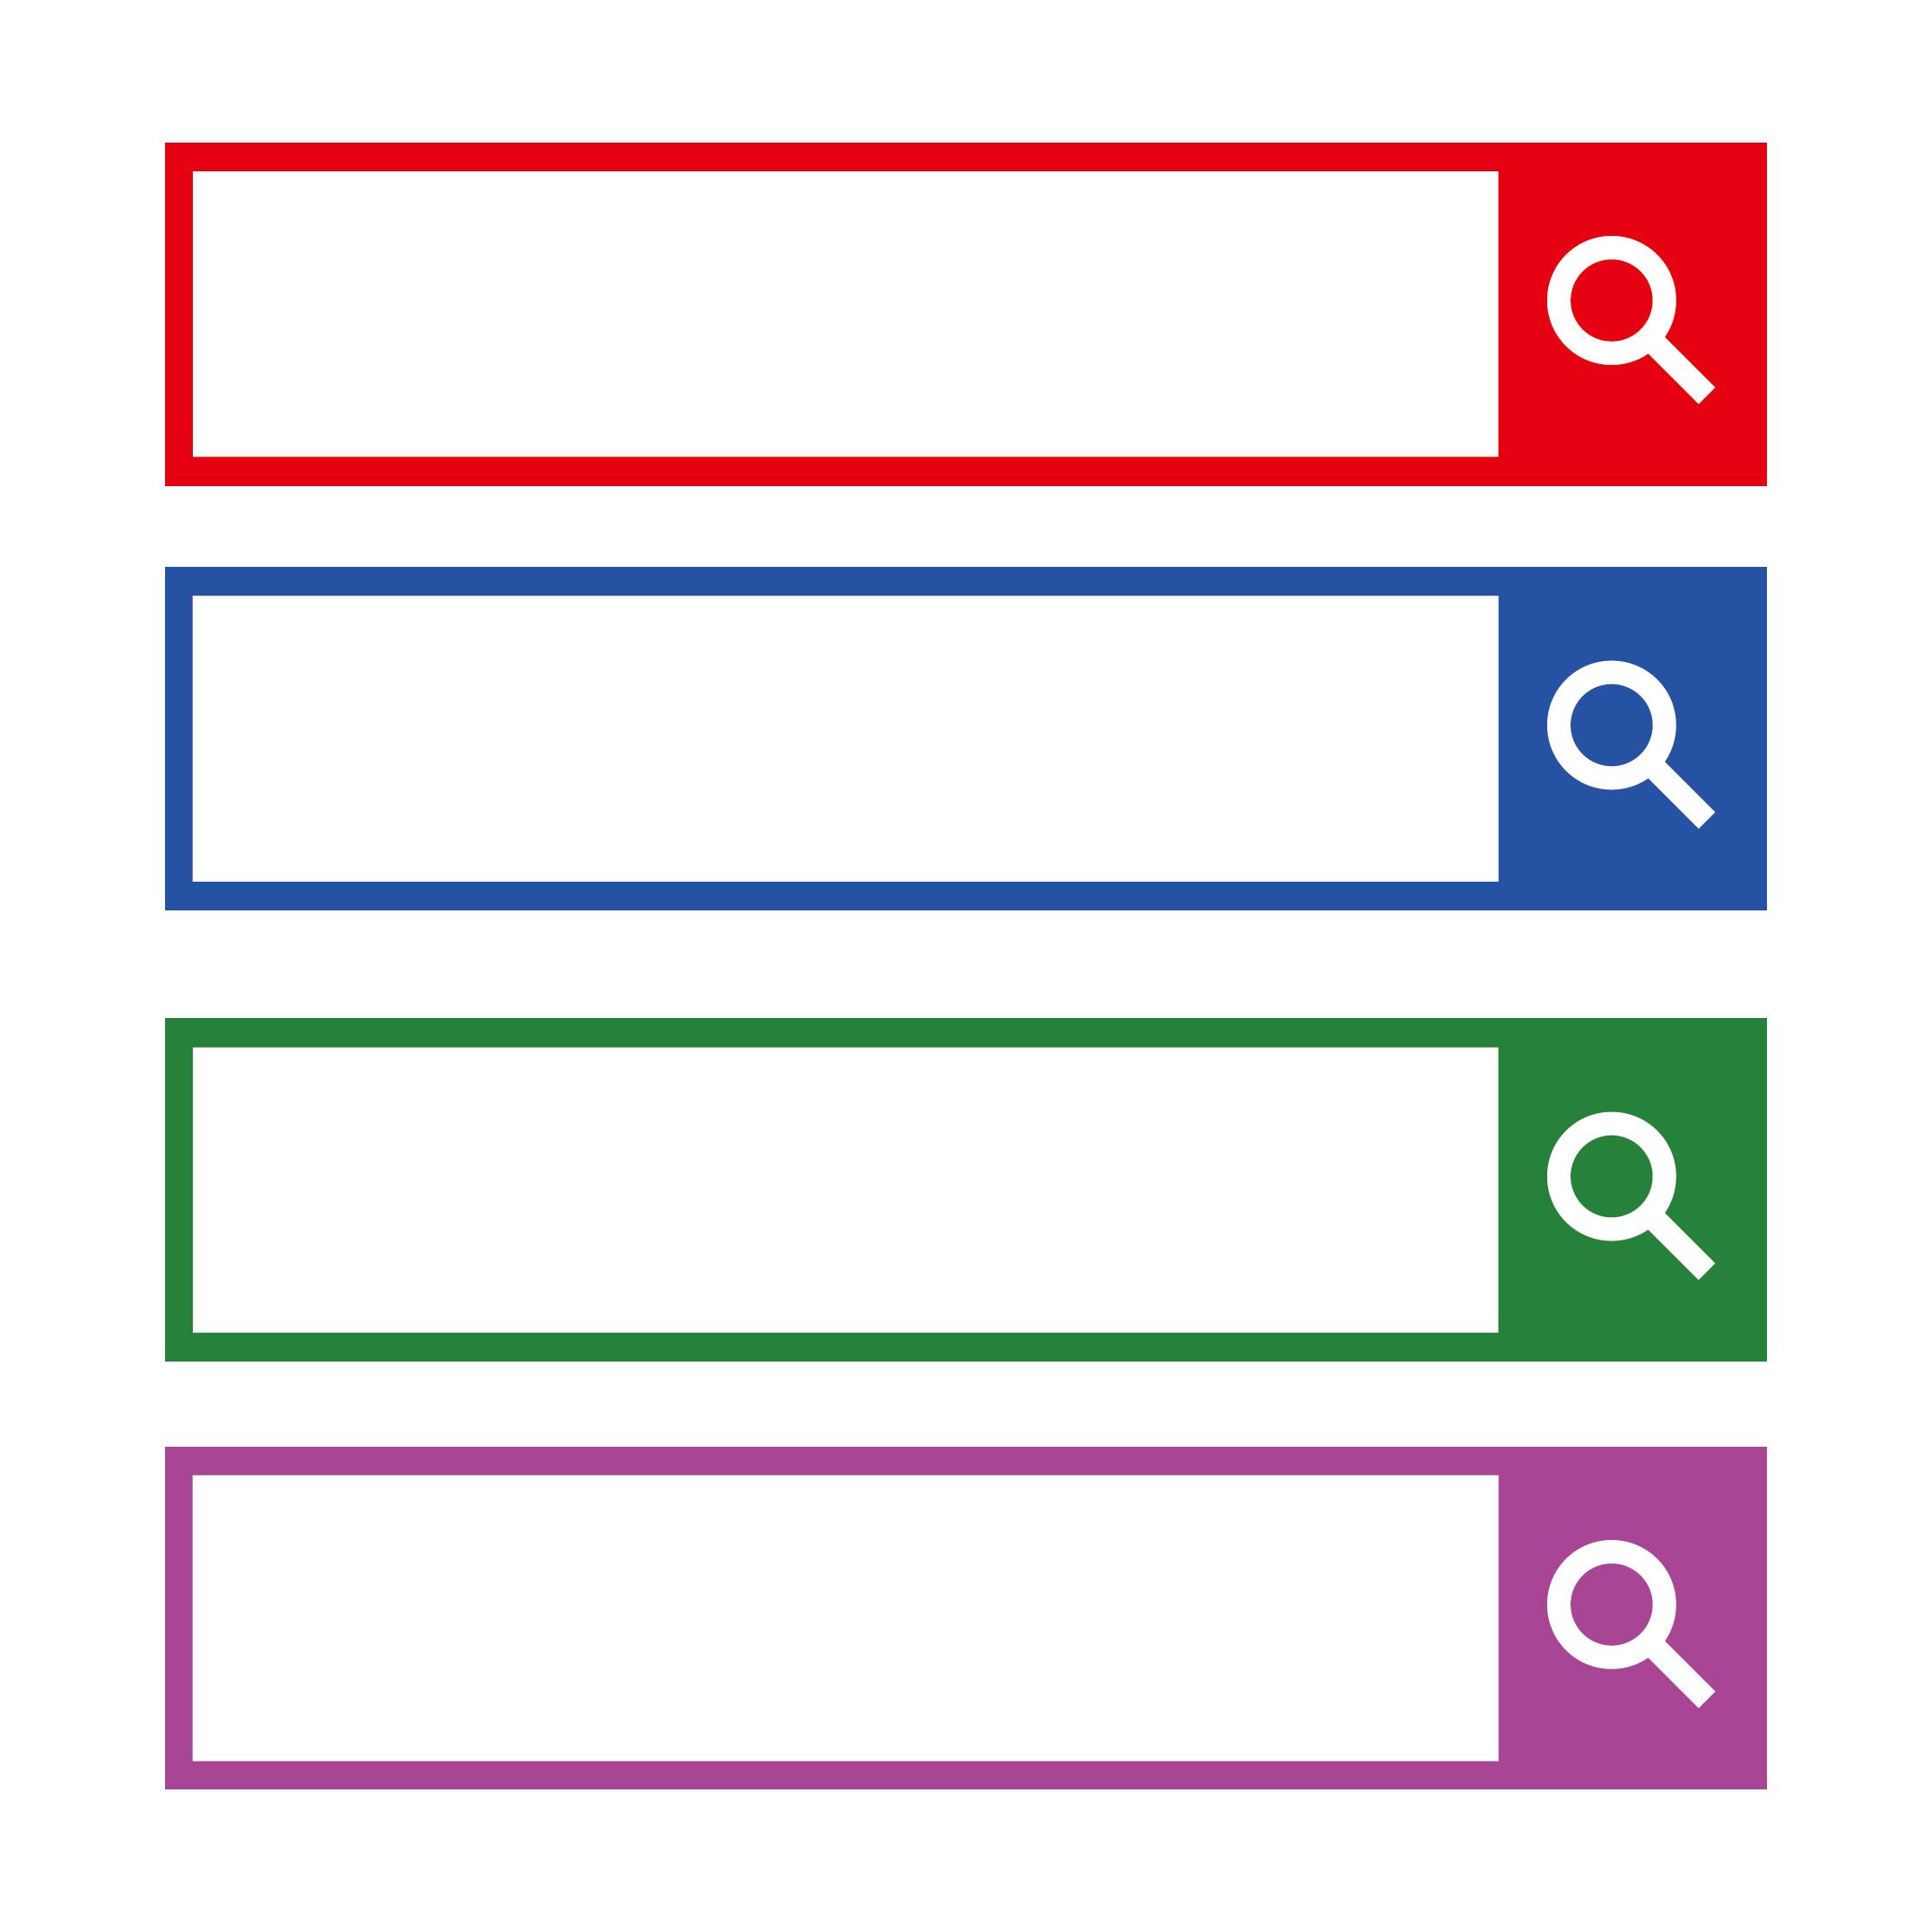 検索窓 イラスト デザイン 4色展開 | 商用フリー(無料)のイラスト素材